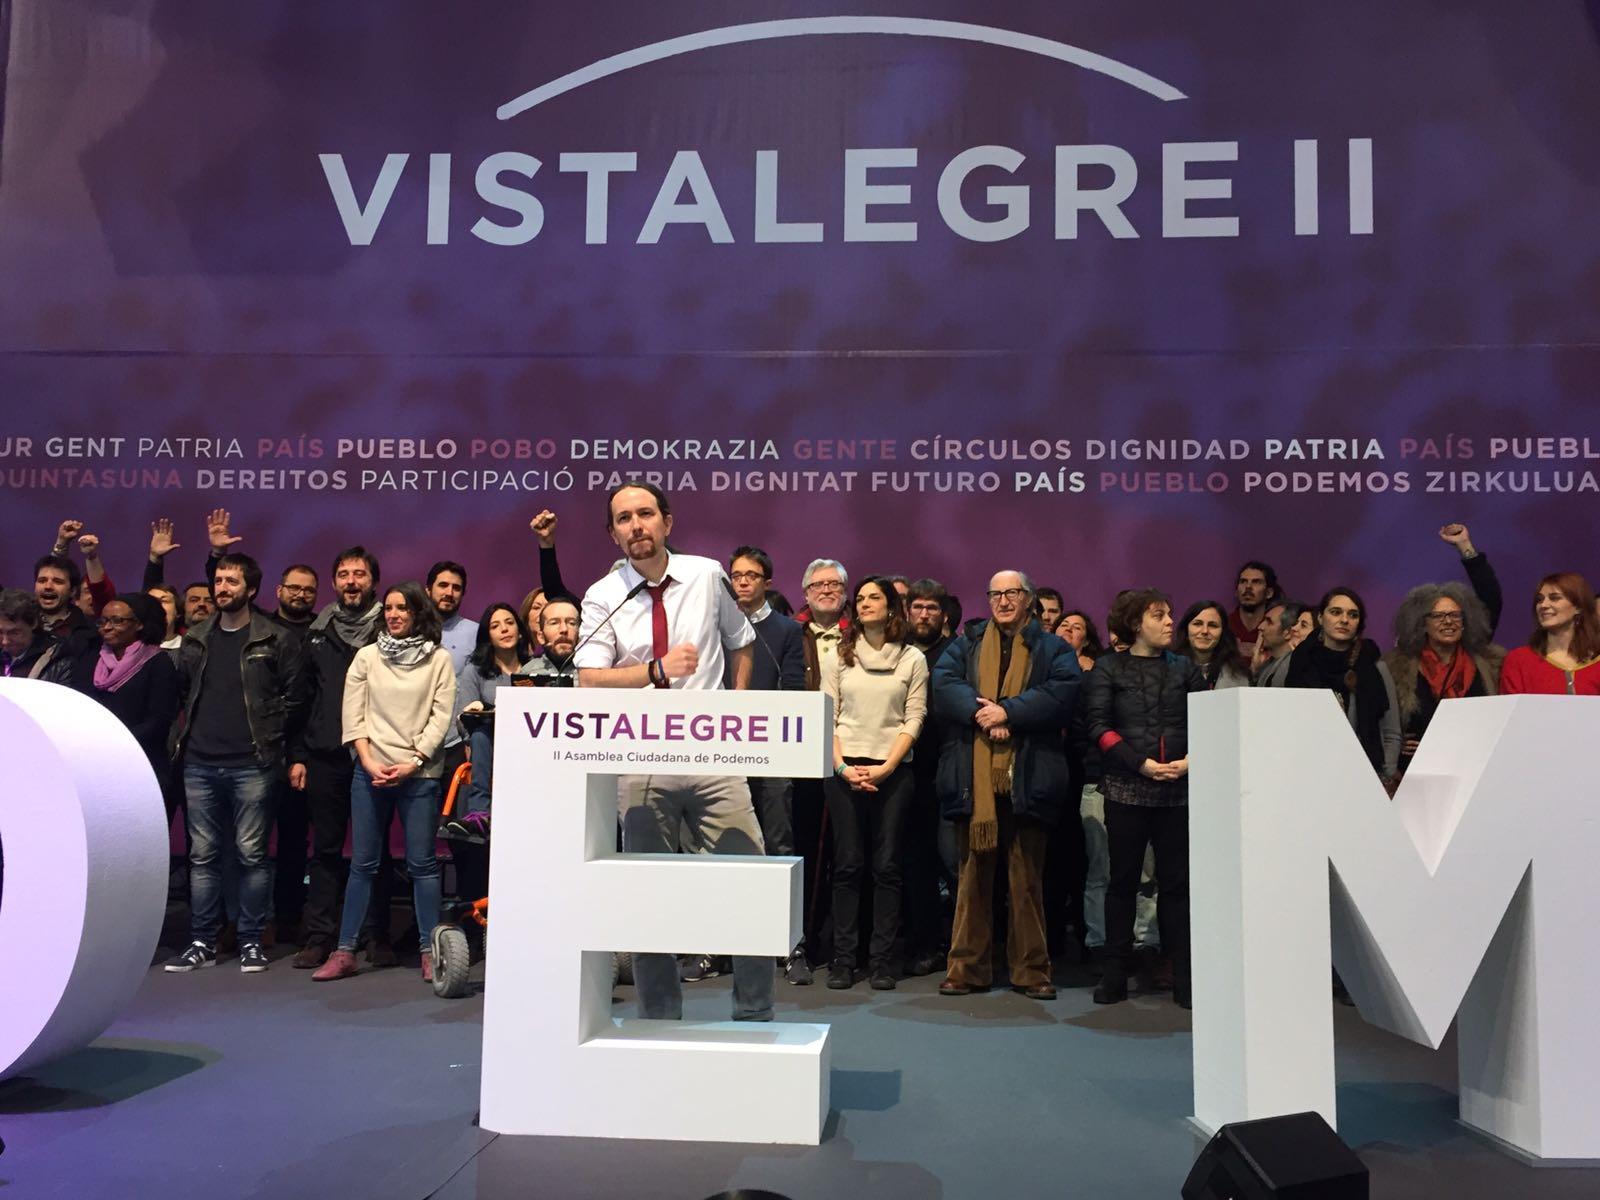 El Consejo Ciudadano Estatal de Podemos tras Vistalegre II.